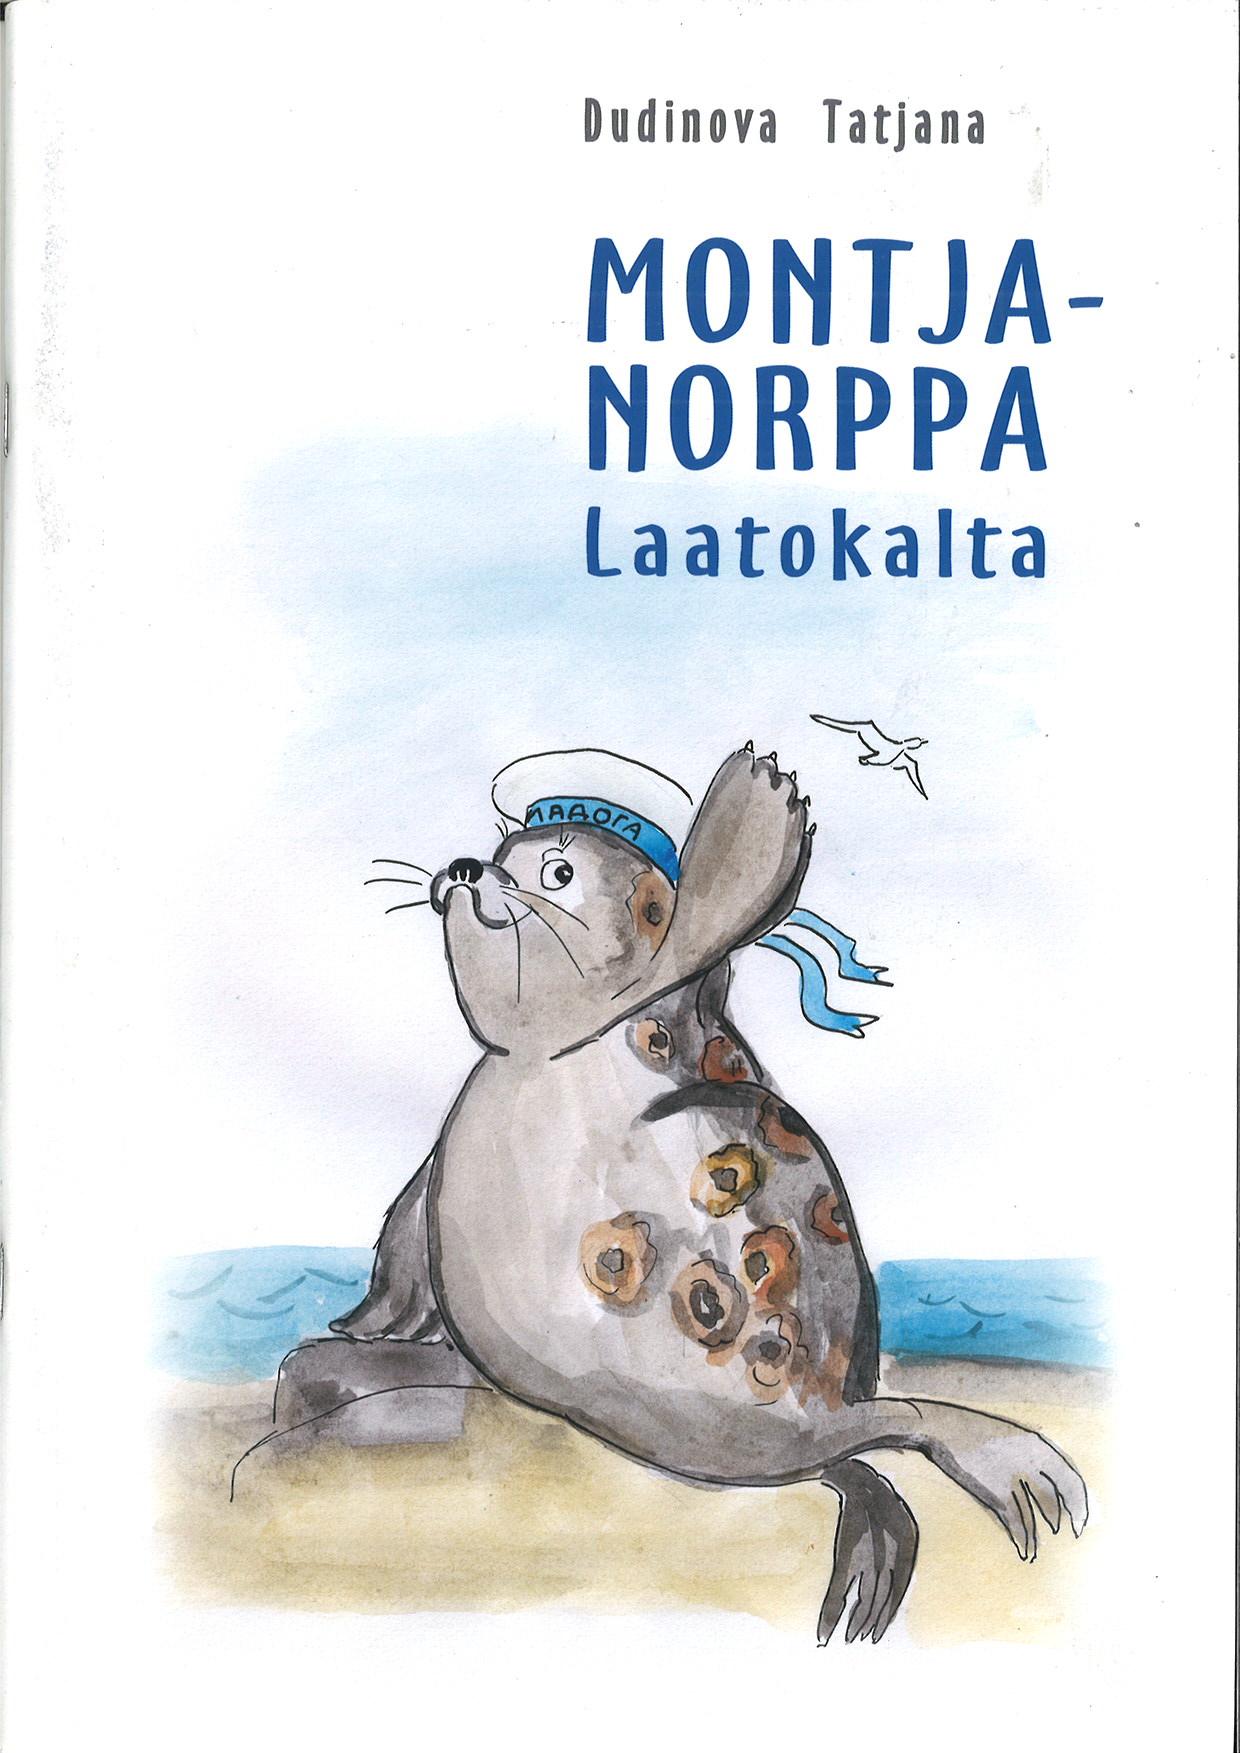 Montja-norppa Laatokalta